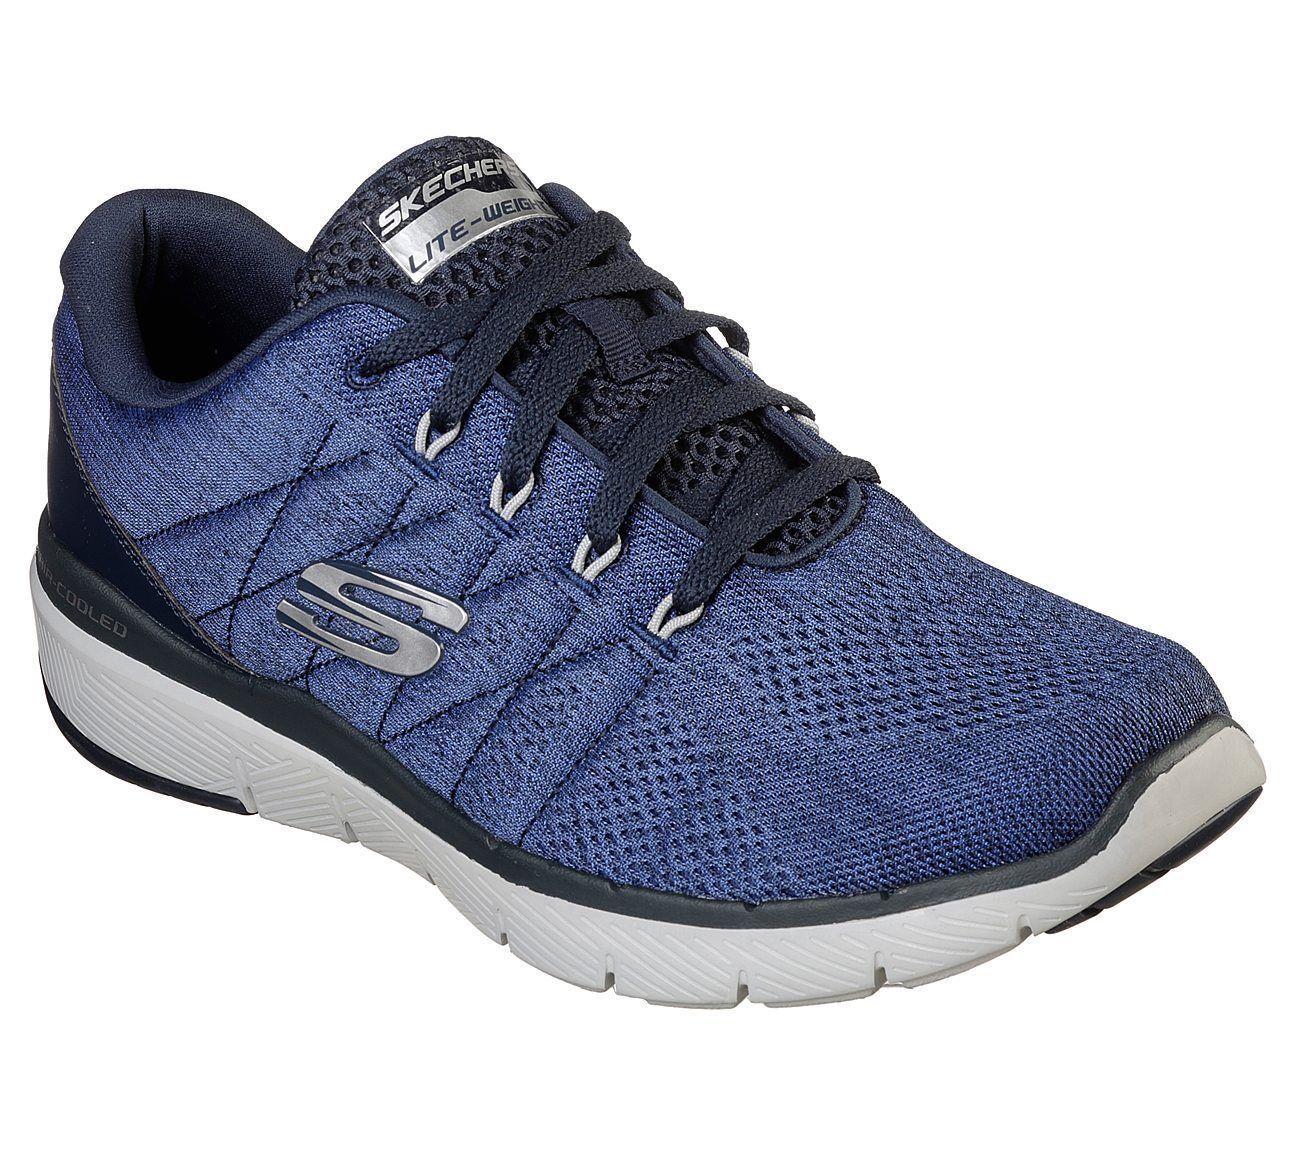 Wide shoes bluee Black Skechers Men's Memory Foam Mesh Sport Casual Lace Up 52957